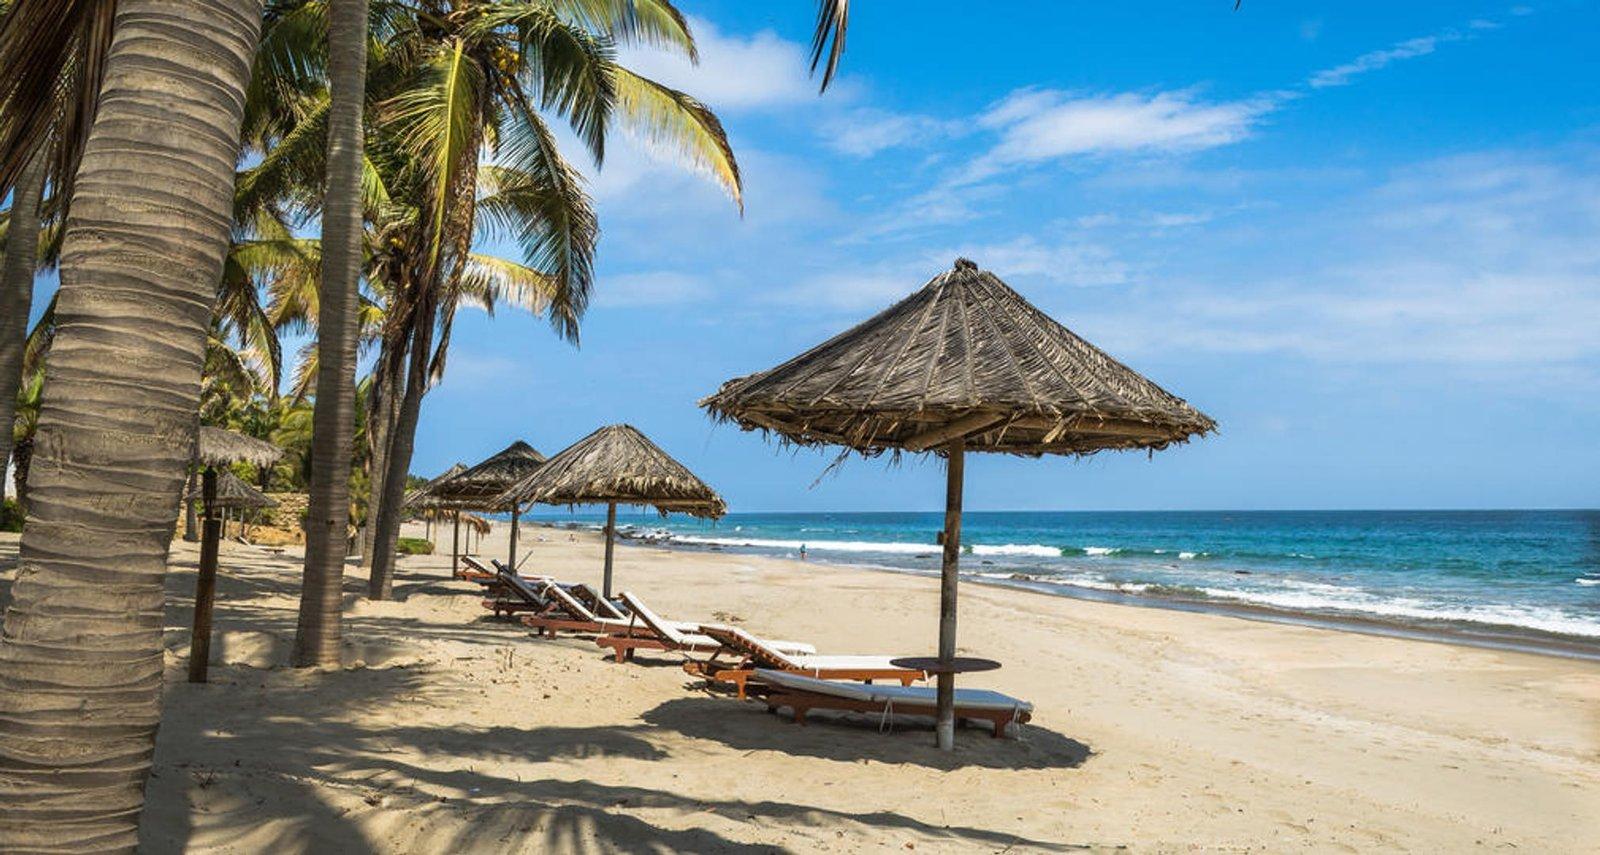 playas del norte peru reabiertas en marzo